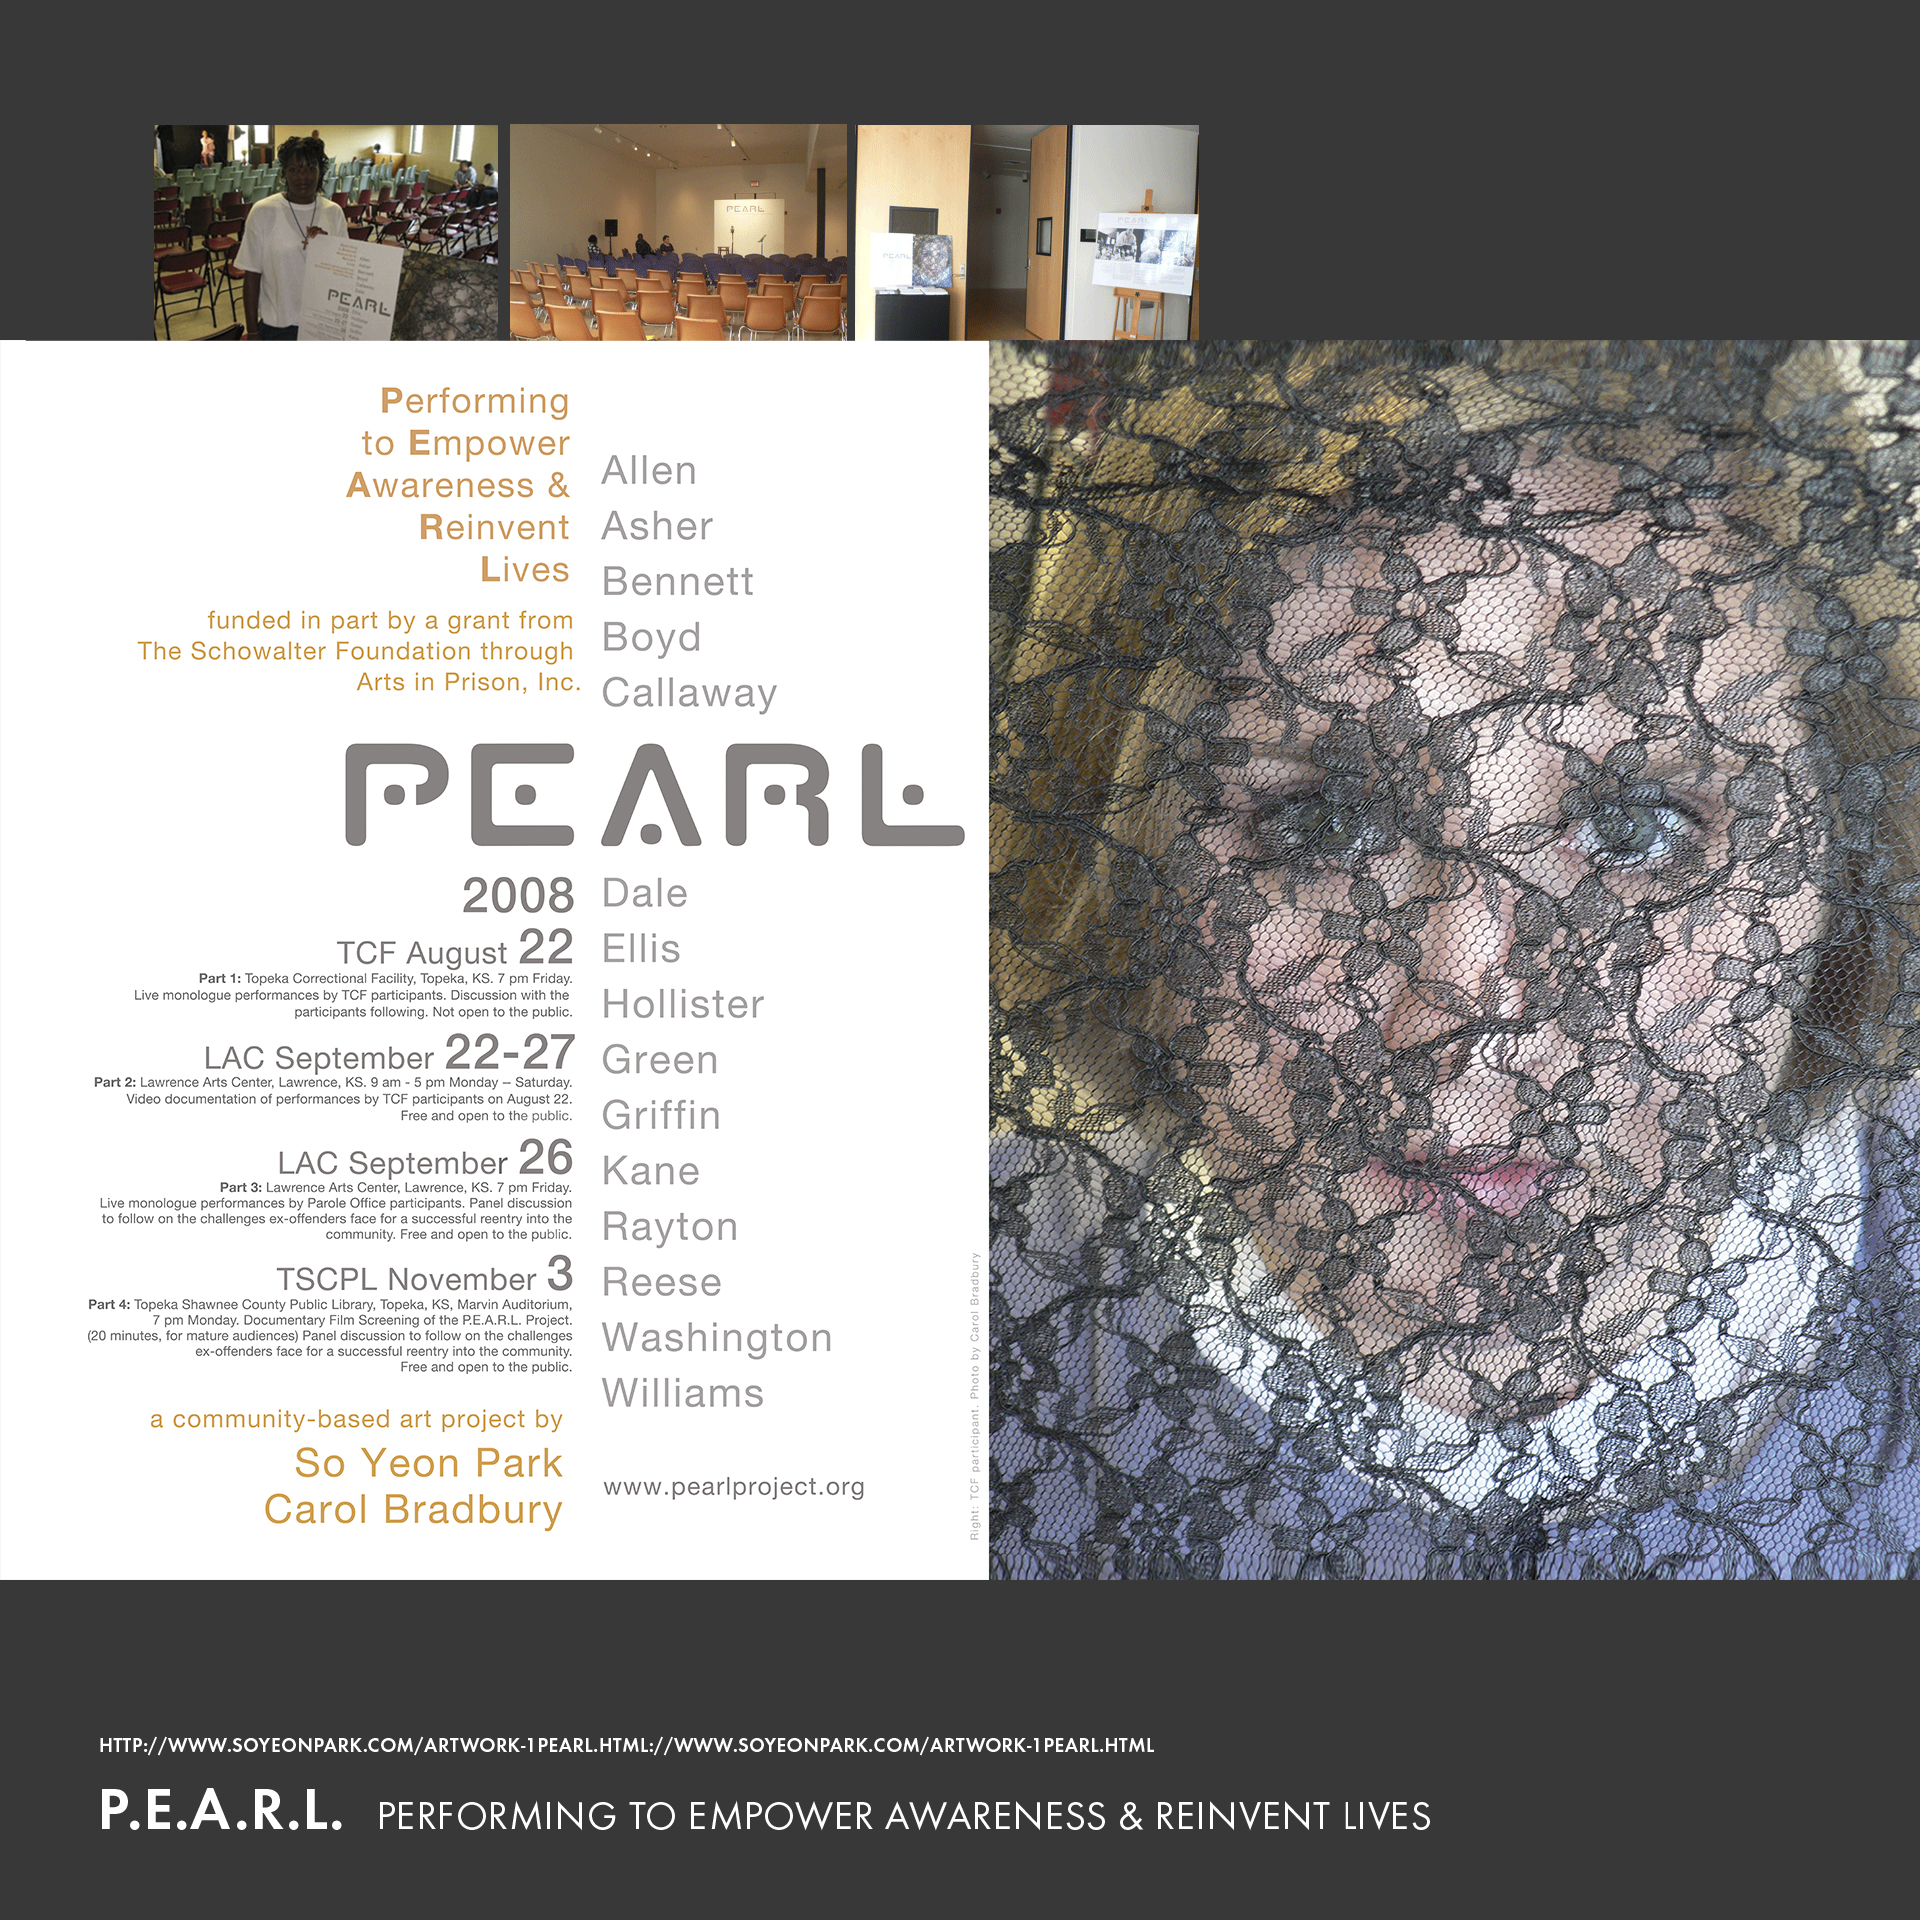 1_PEARL.jpg